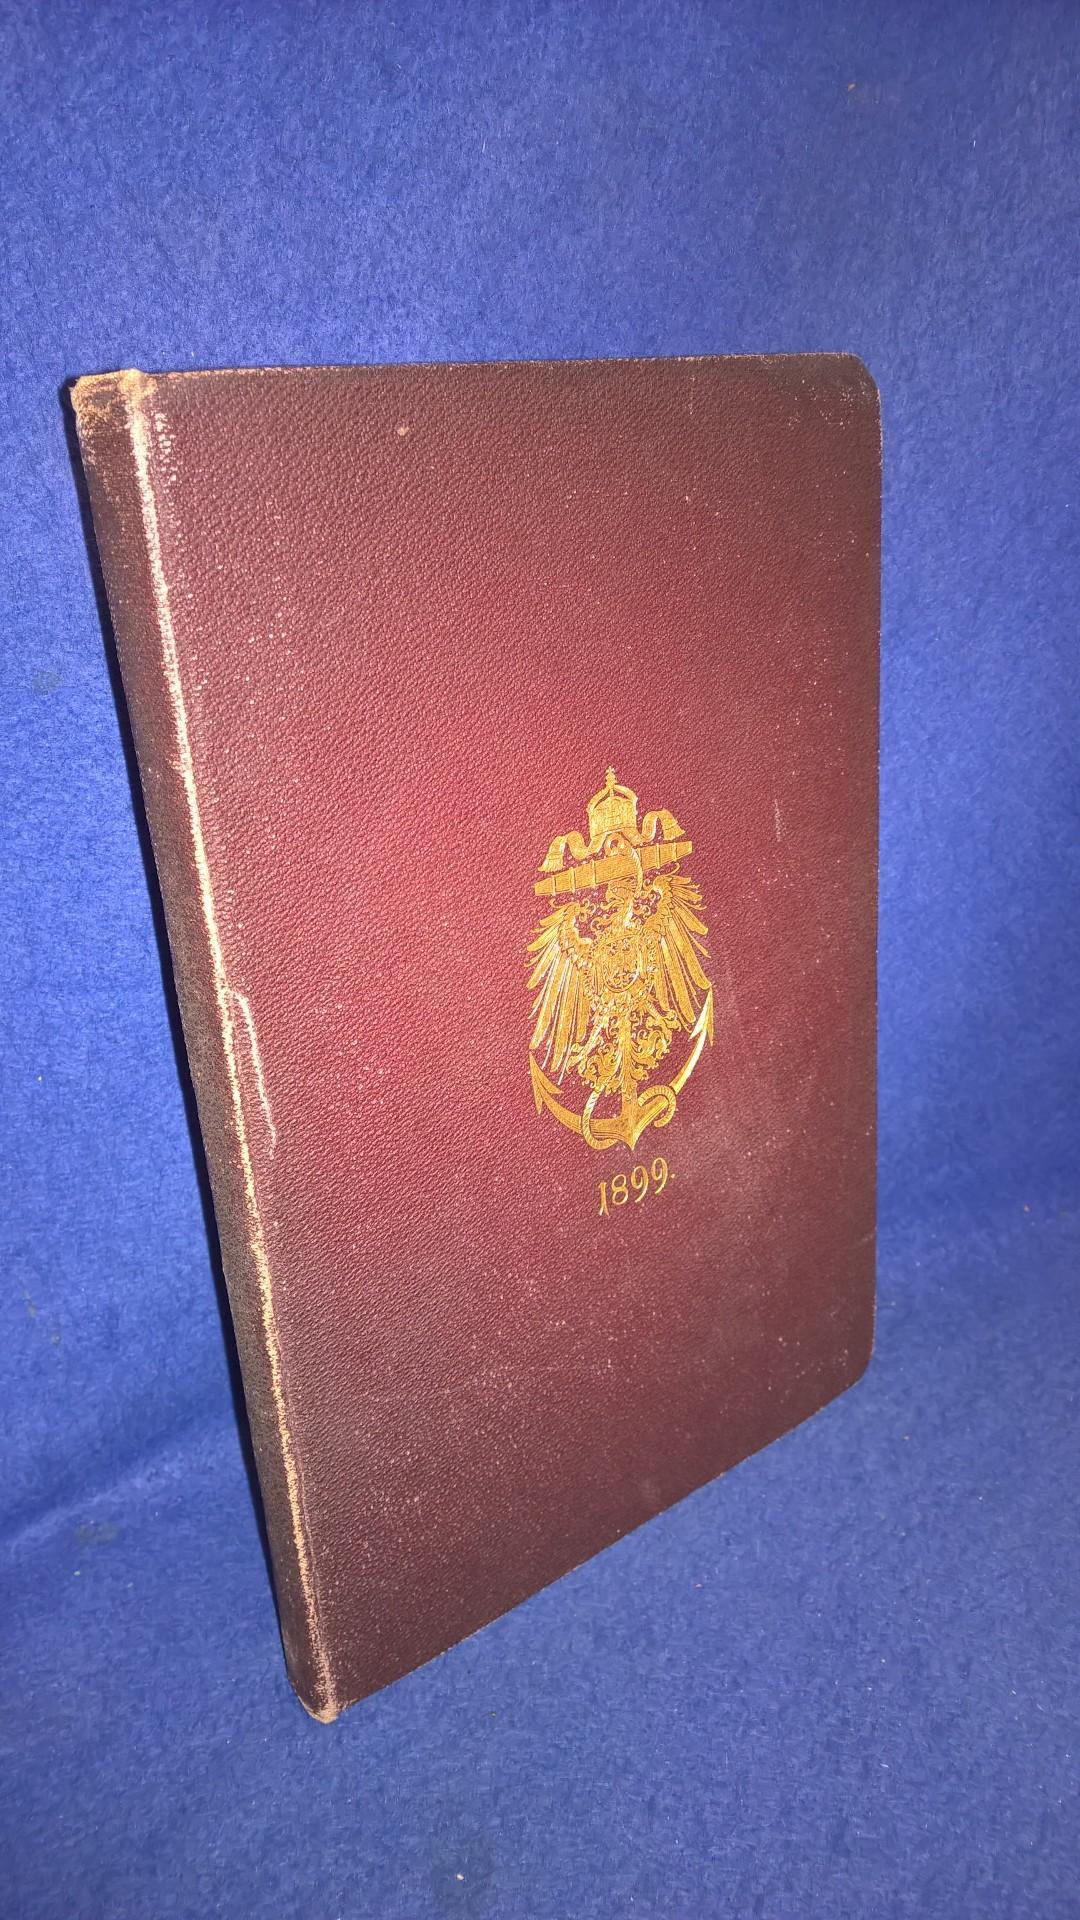 Rangliste der Kaiserlich Deutschen Marine für das Jahr 1899.